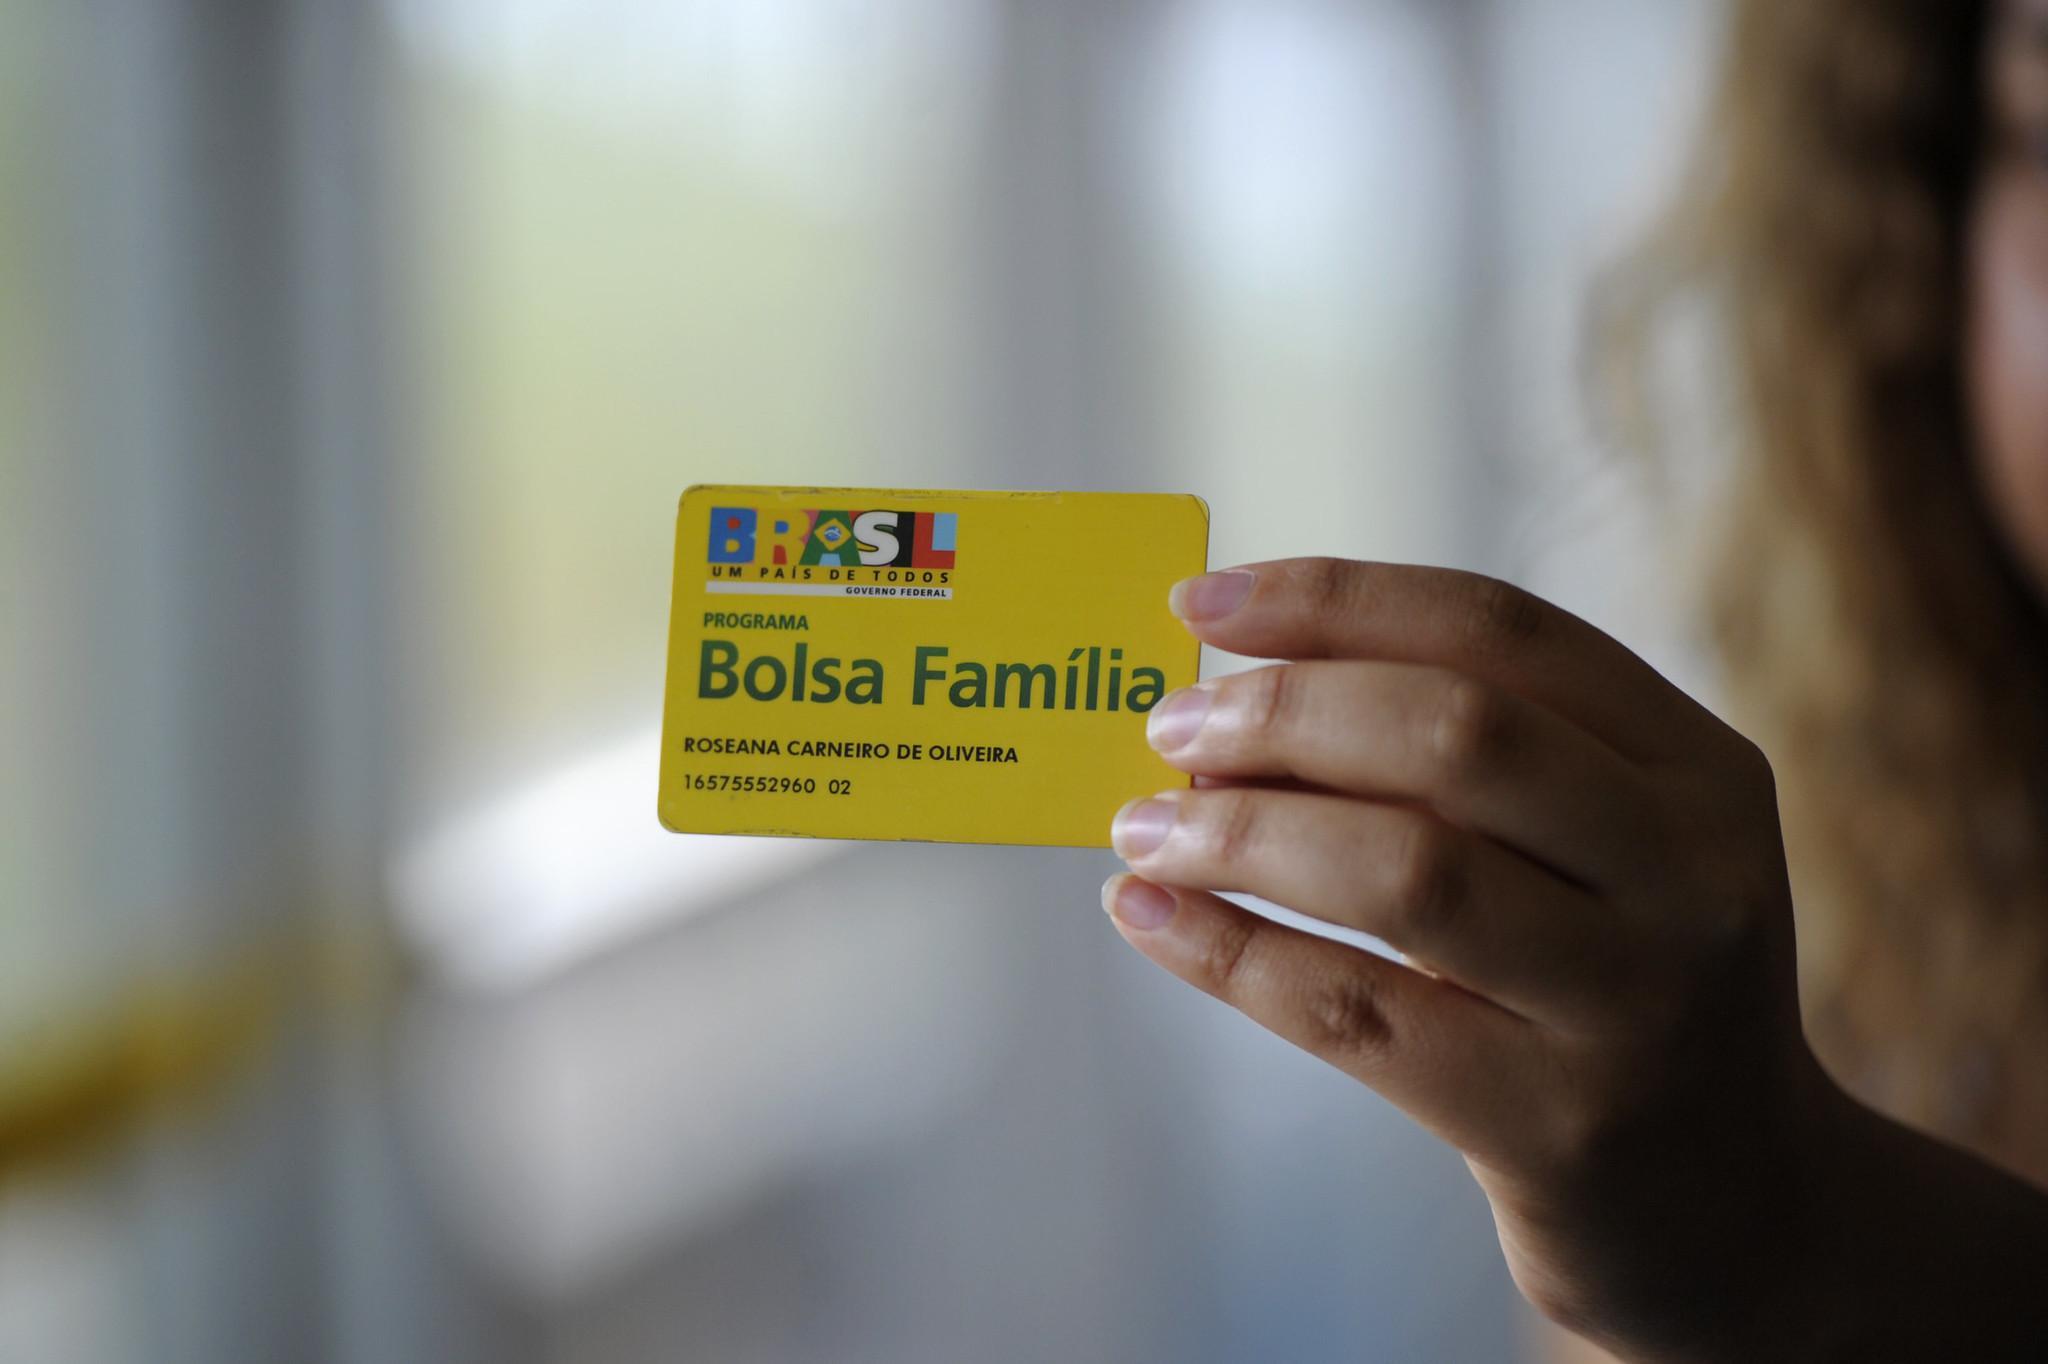 Cartão do Bolsa Família. contestar auxílio residual negado.